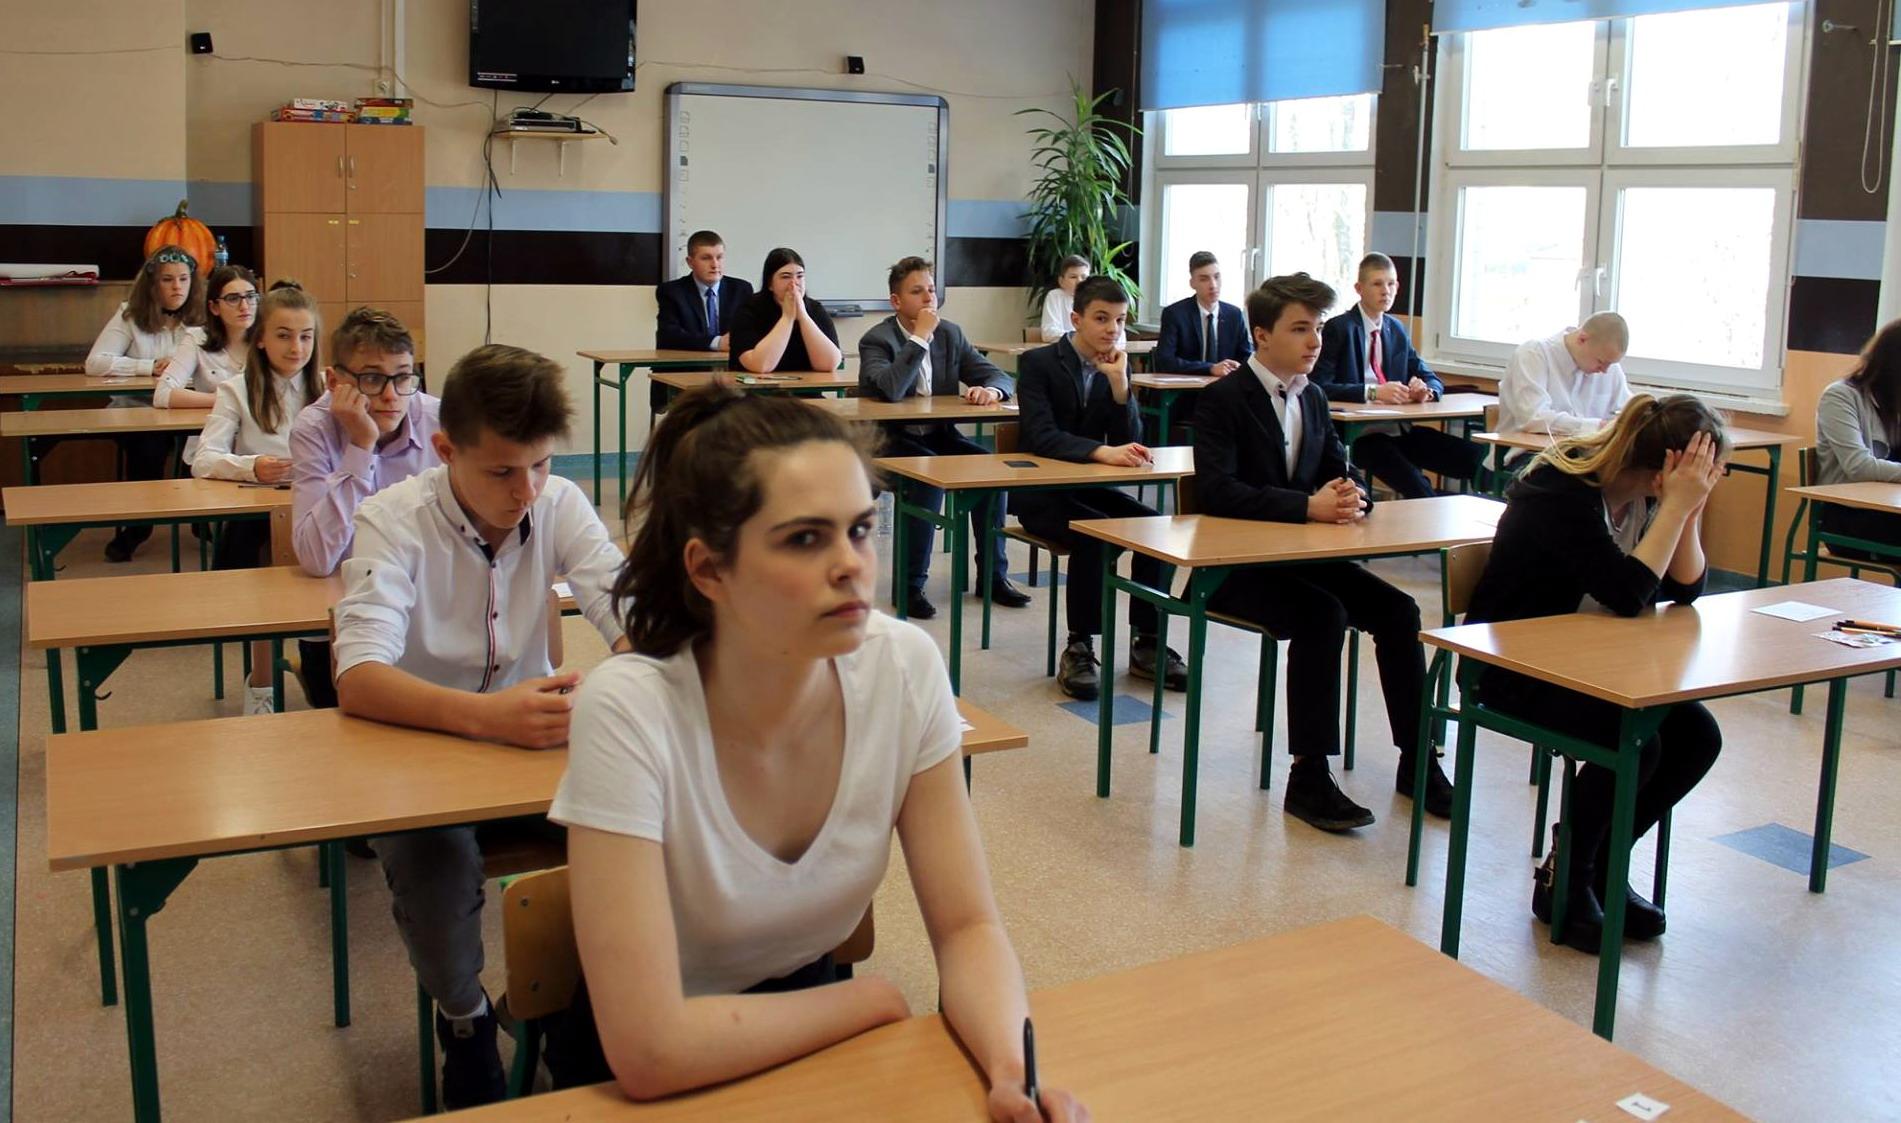 Wczoraj część matematyczno-przyrodnicza, dziś języki obce. Ostatni dzień egzaminów gimnazjalnych. Trzymamy kciuki!